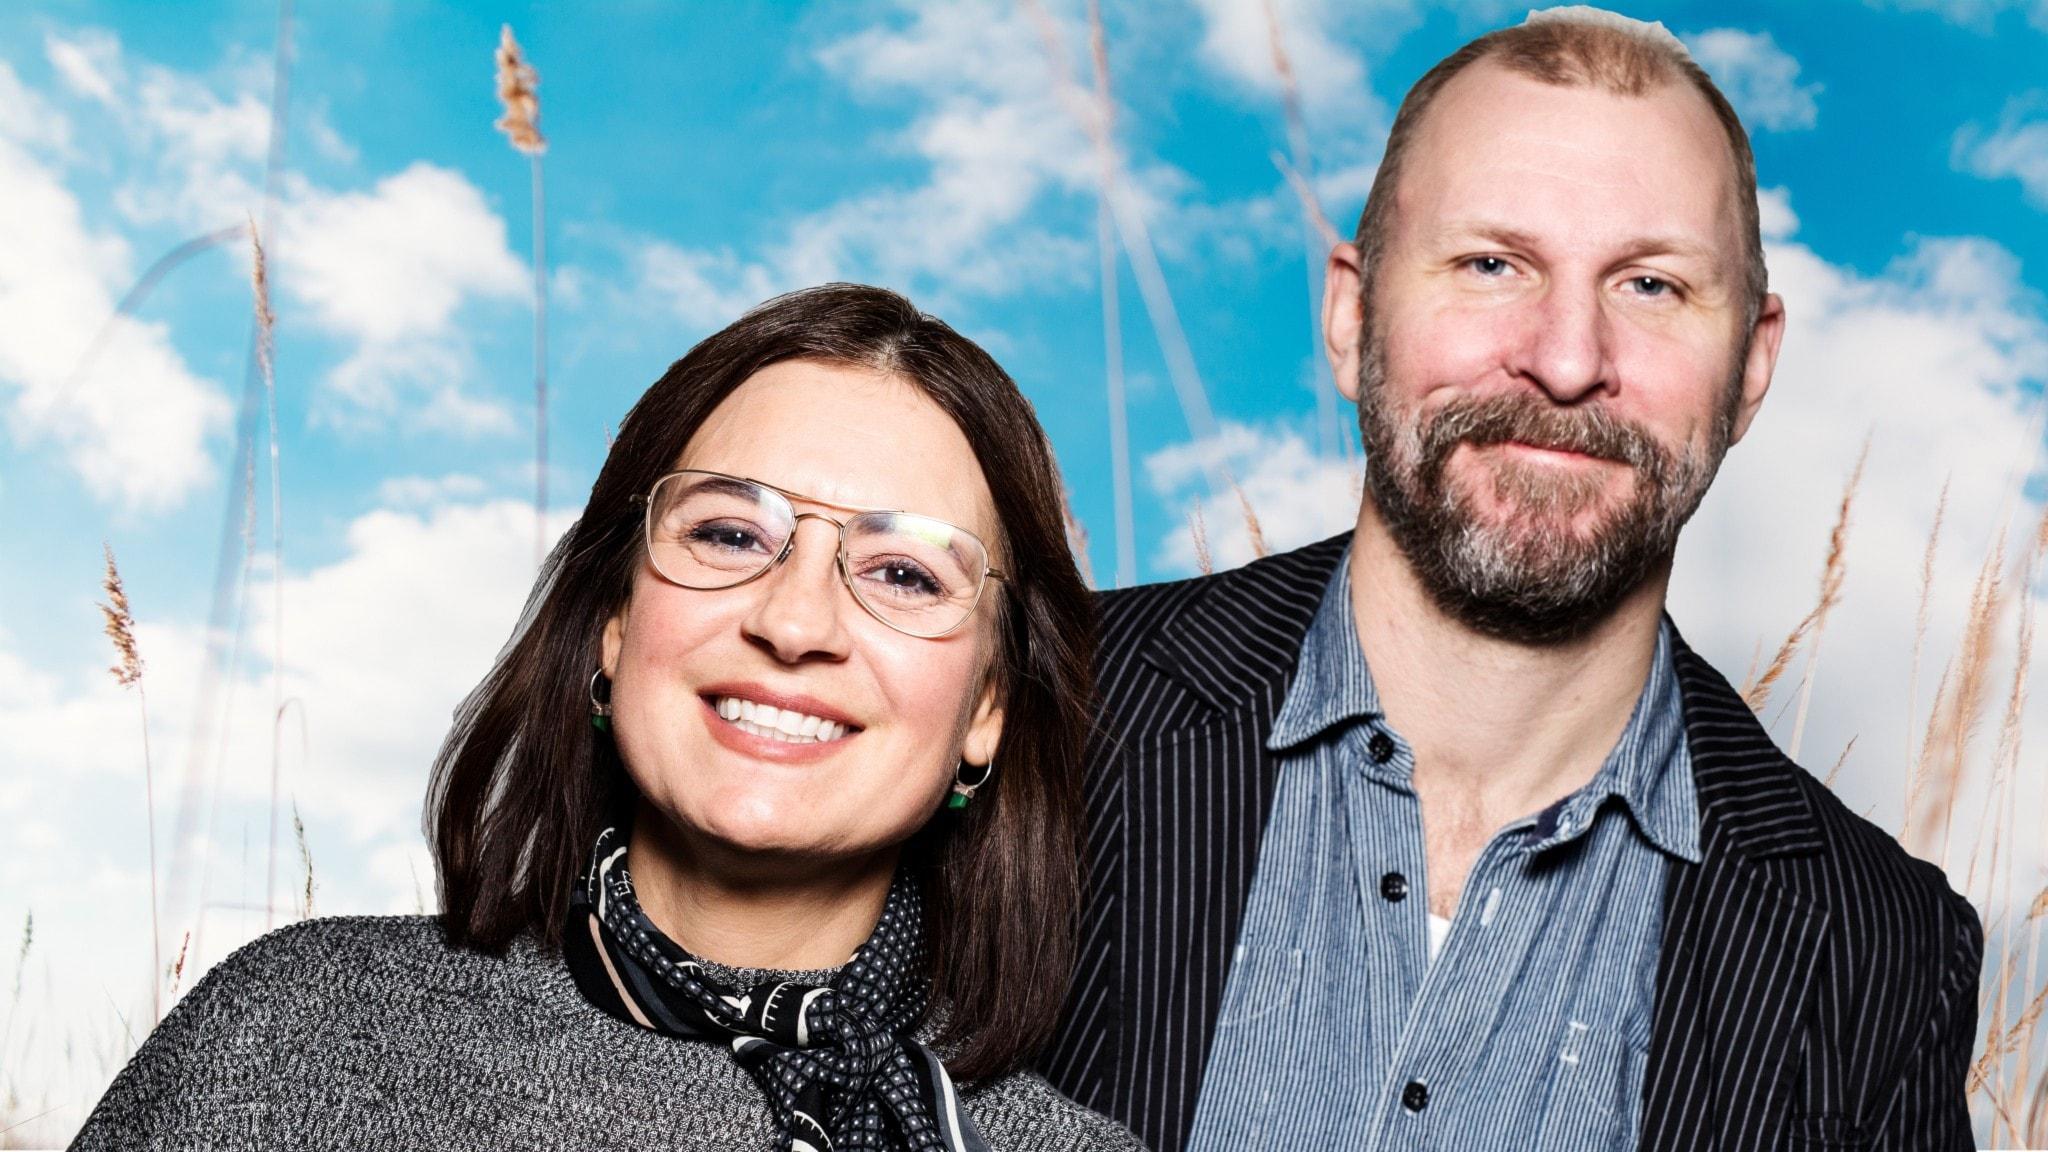 Sommartalkshow med Kalle Lind och Susanna Dzamic (direkt från Malmö).